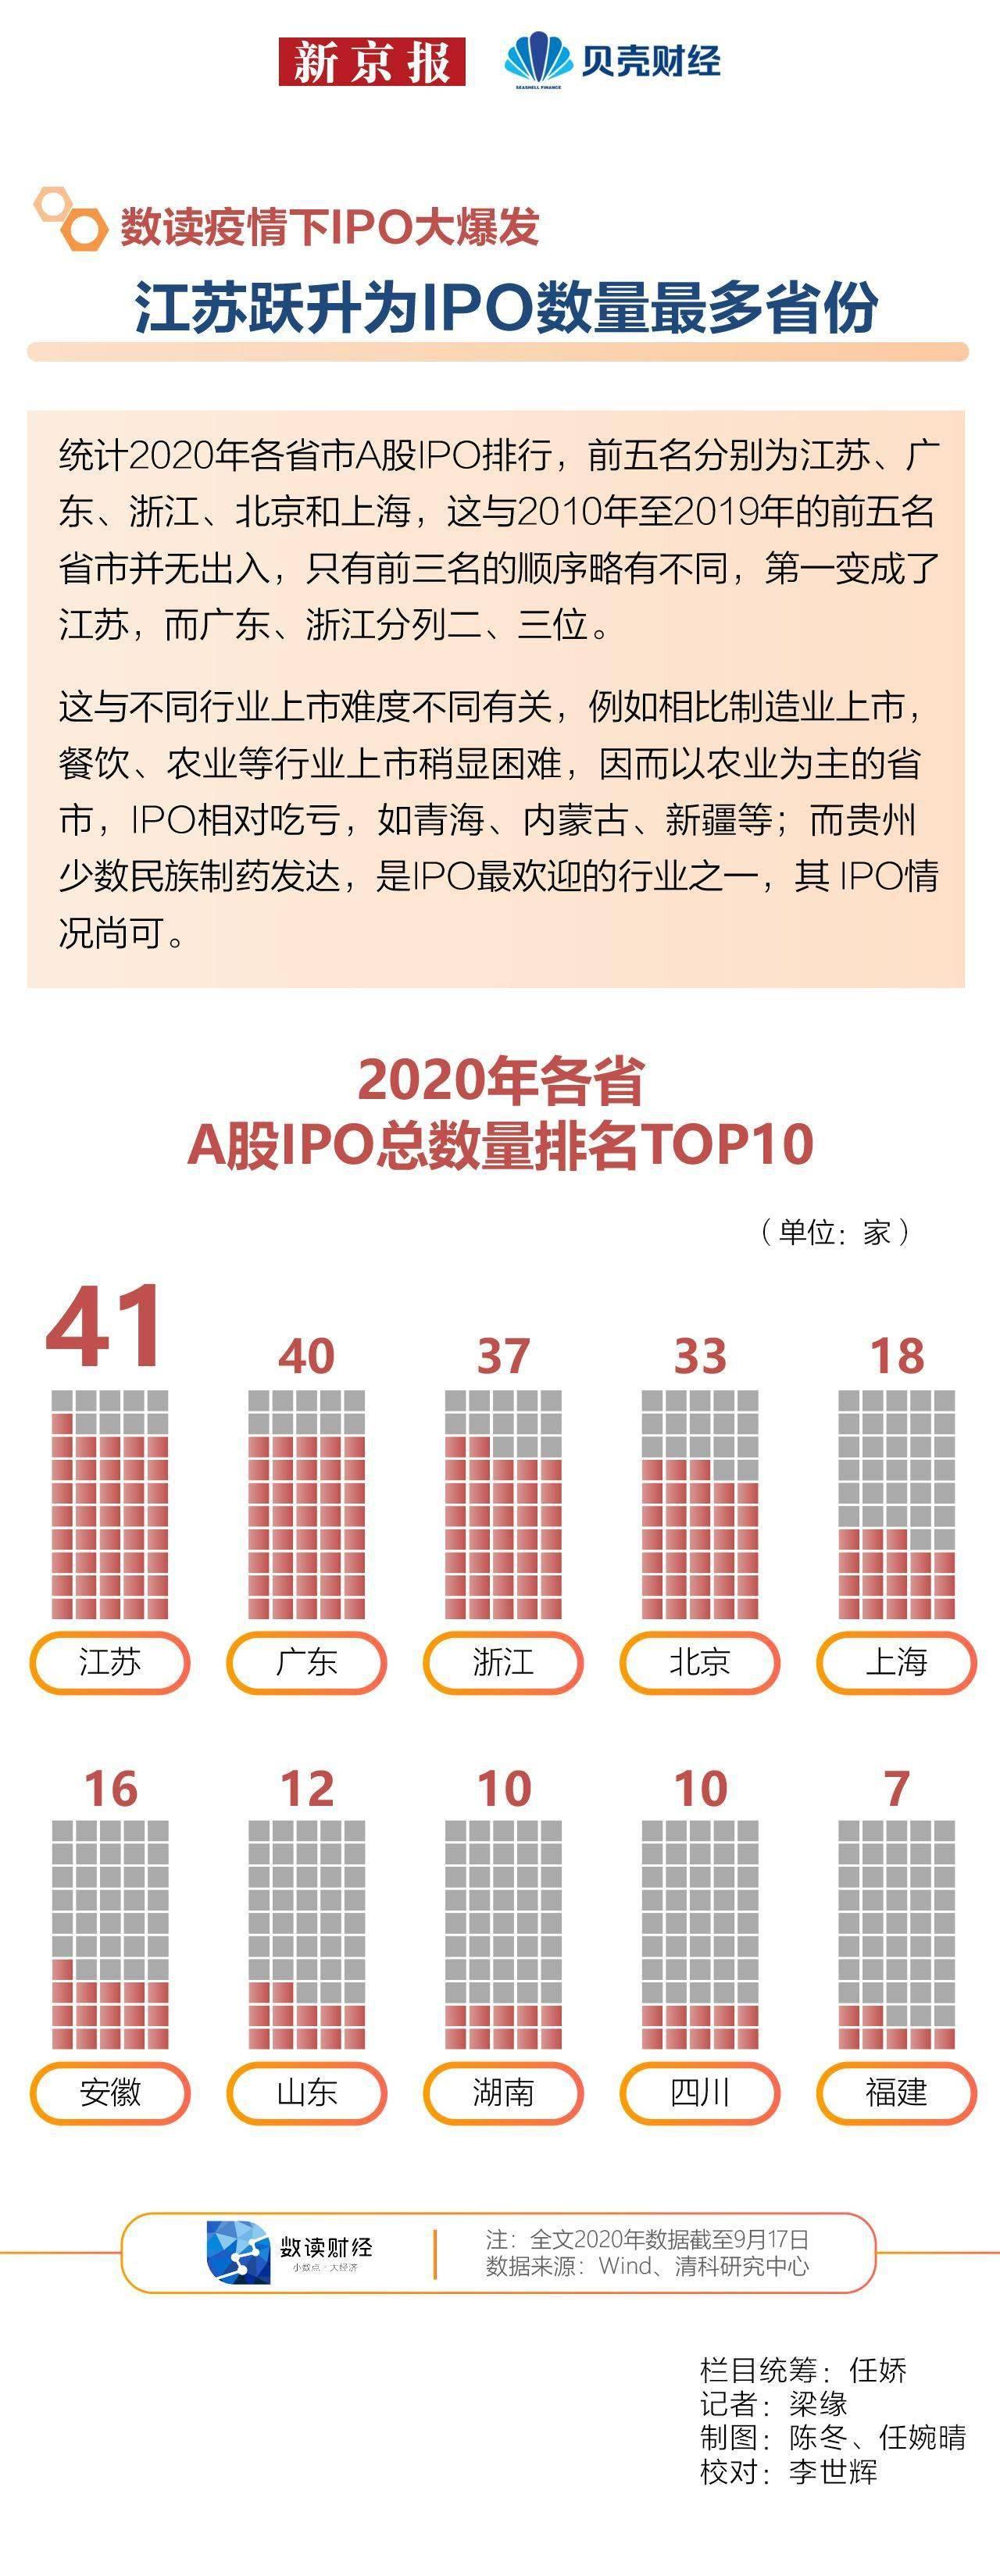 [数读|疫情下IPO大爆发④ 江苏跃升为IPO数量最多省份]